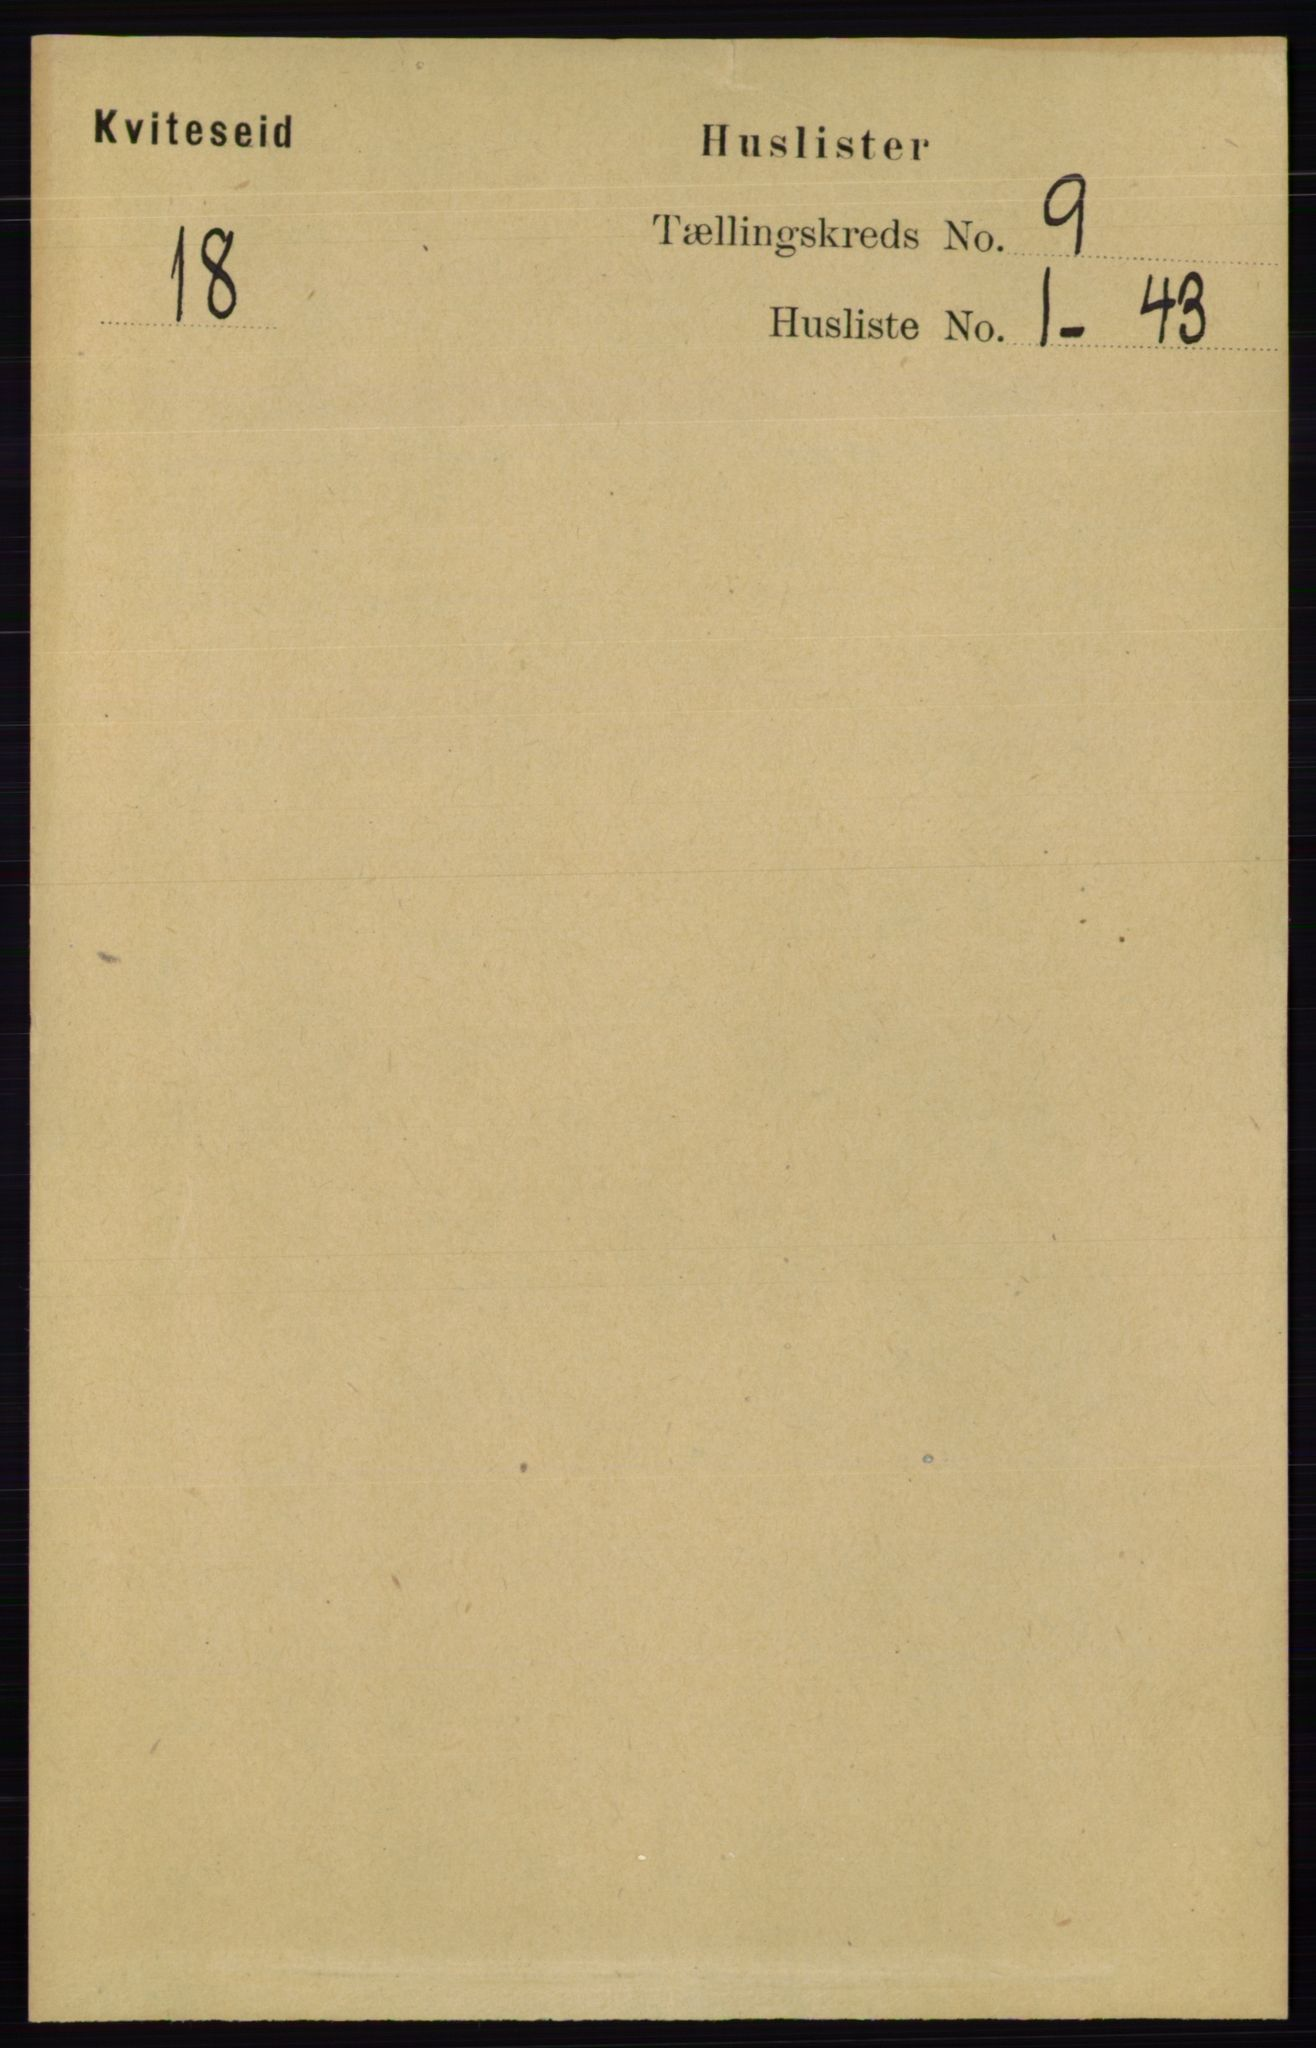 RA, Folketelling 1891 for 0829 Kviteseid herred, 1891, s. 1944